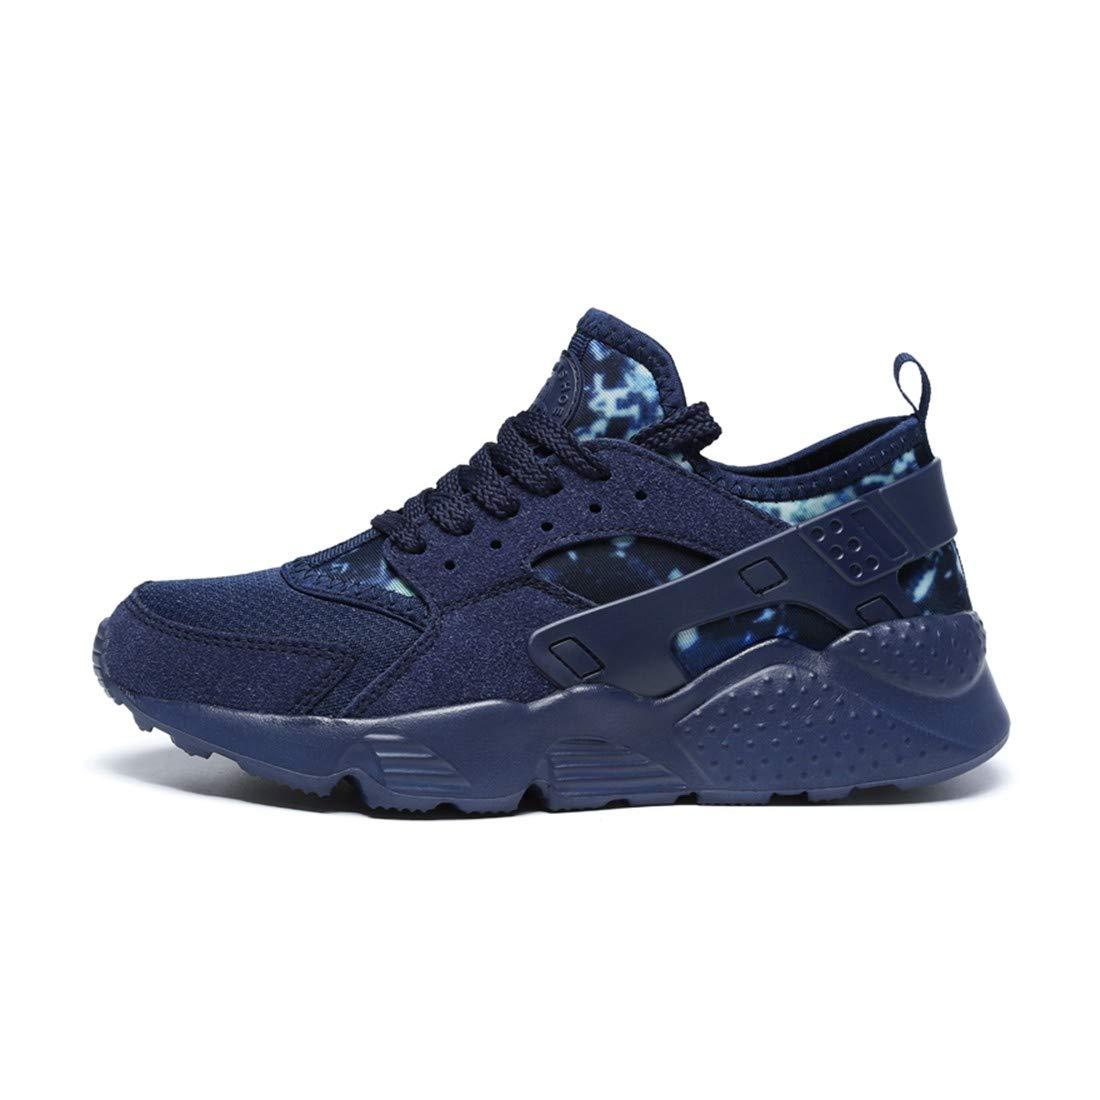 YAYADI Zapatos Hombre Verano Otoño El Diseñador De Calzado Masculino Casual Transpirable Zapatos Blancos Jogging Zapatos para Exteriores